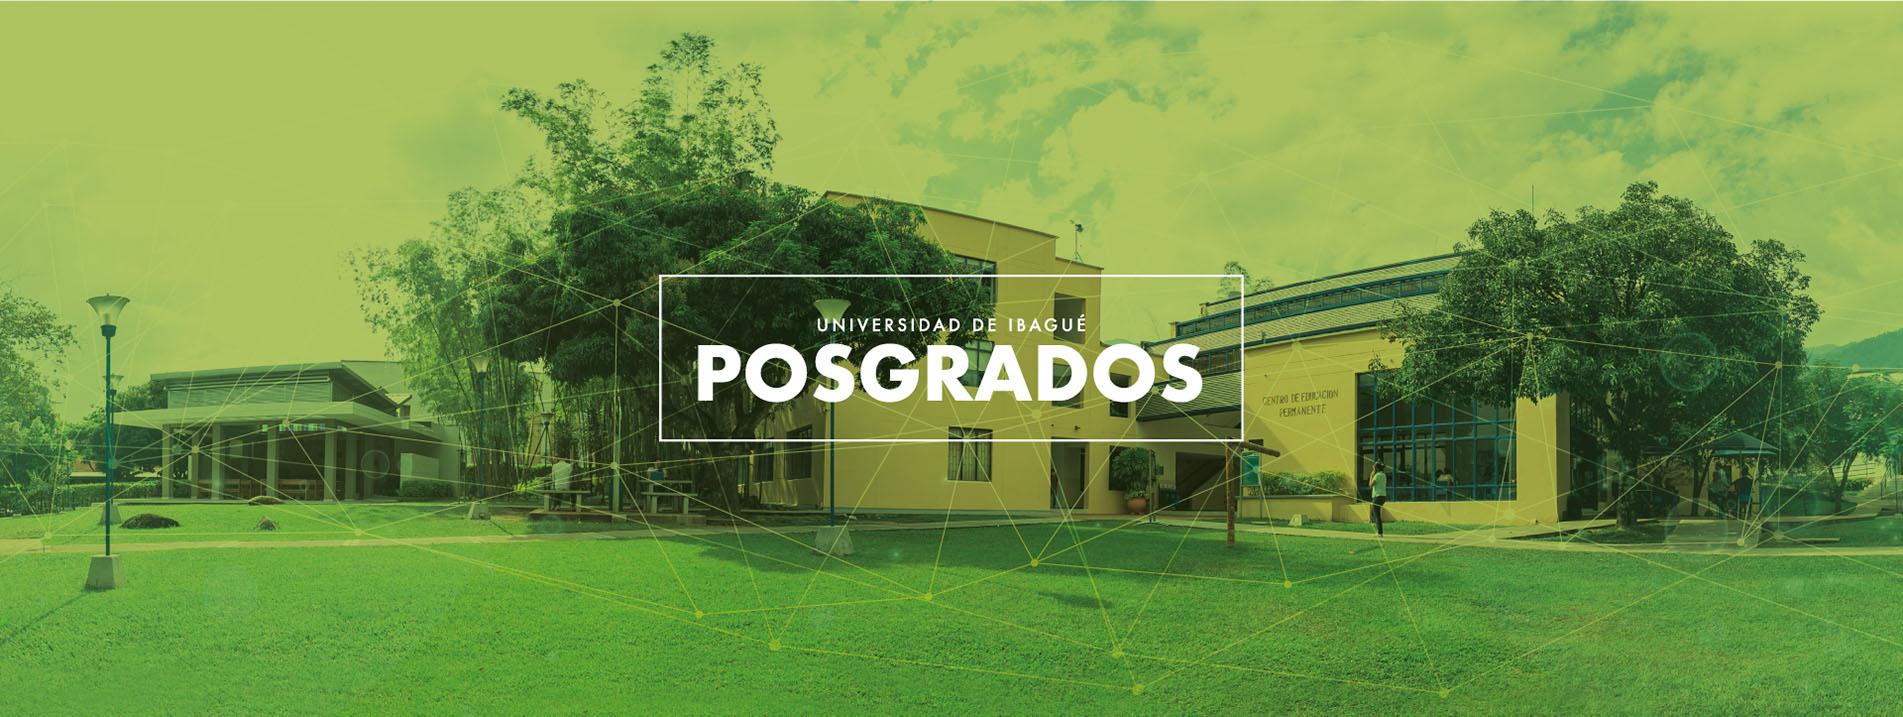 Imagen de cabecera para el micrositio de posgrados de Unibagué